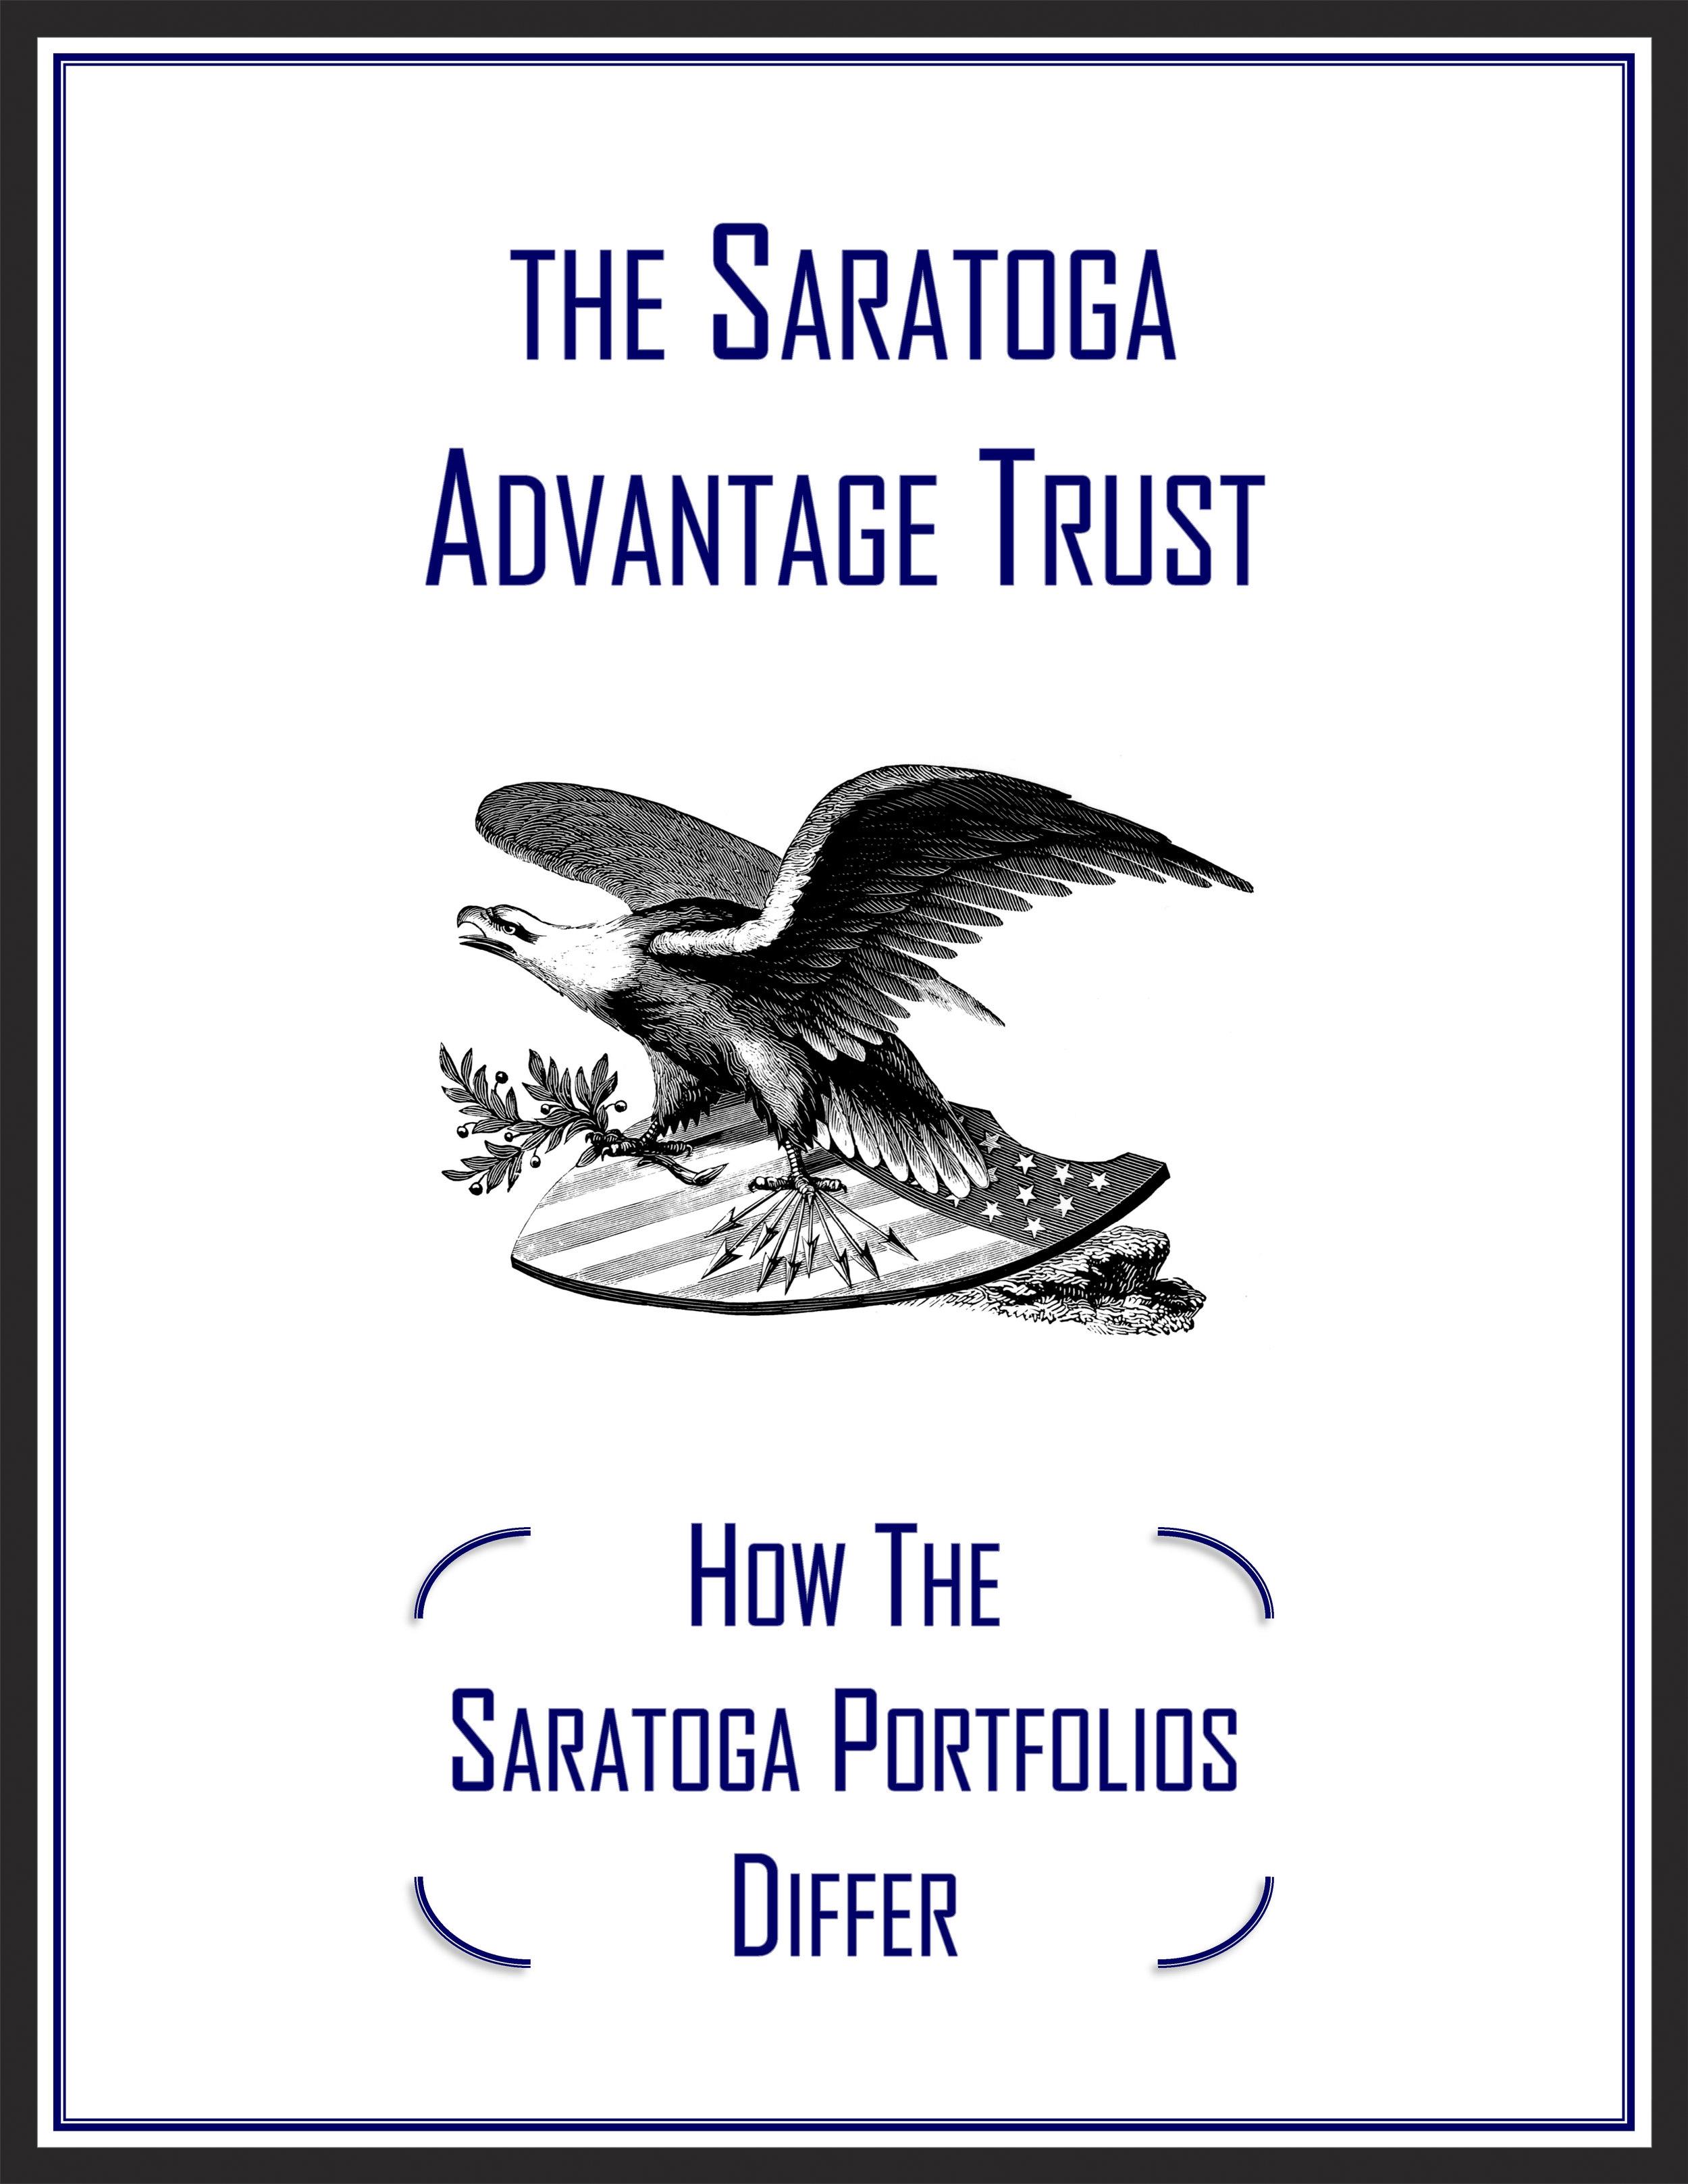 How the Saratoga Portfolios Differ Cover.jpg